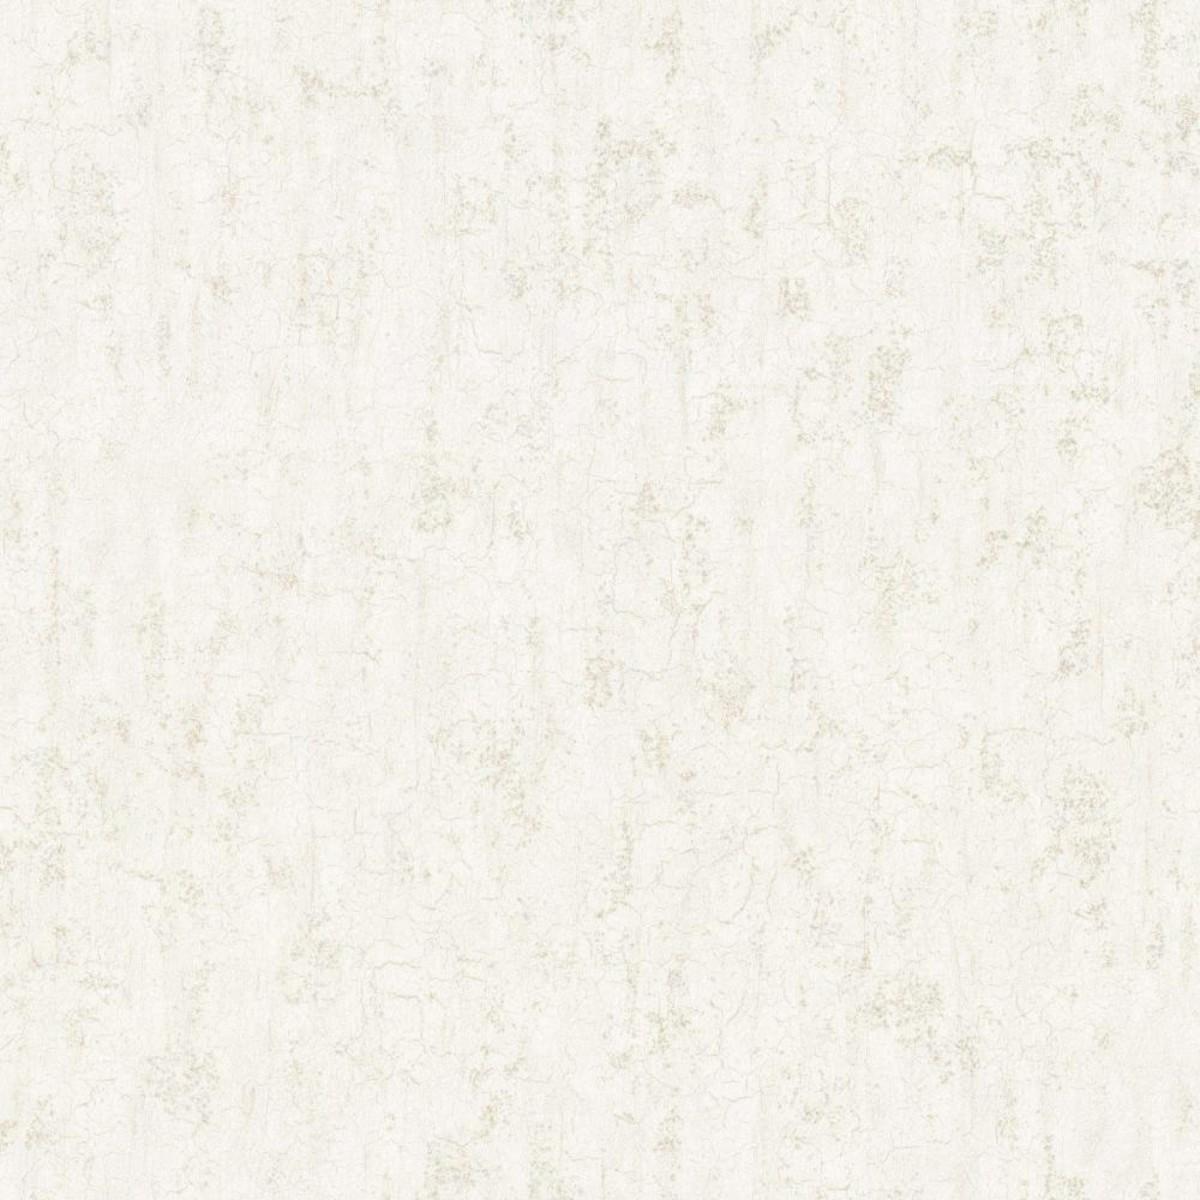 Обои флизелиновые P&ampP Emilia бежевые 1.06 м PP71538-12